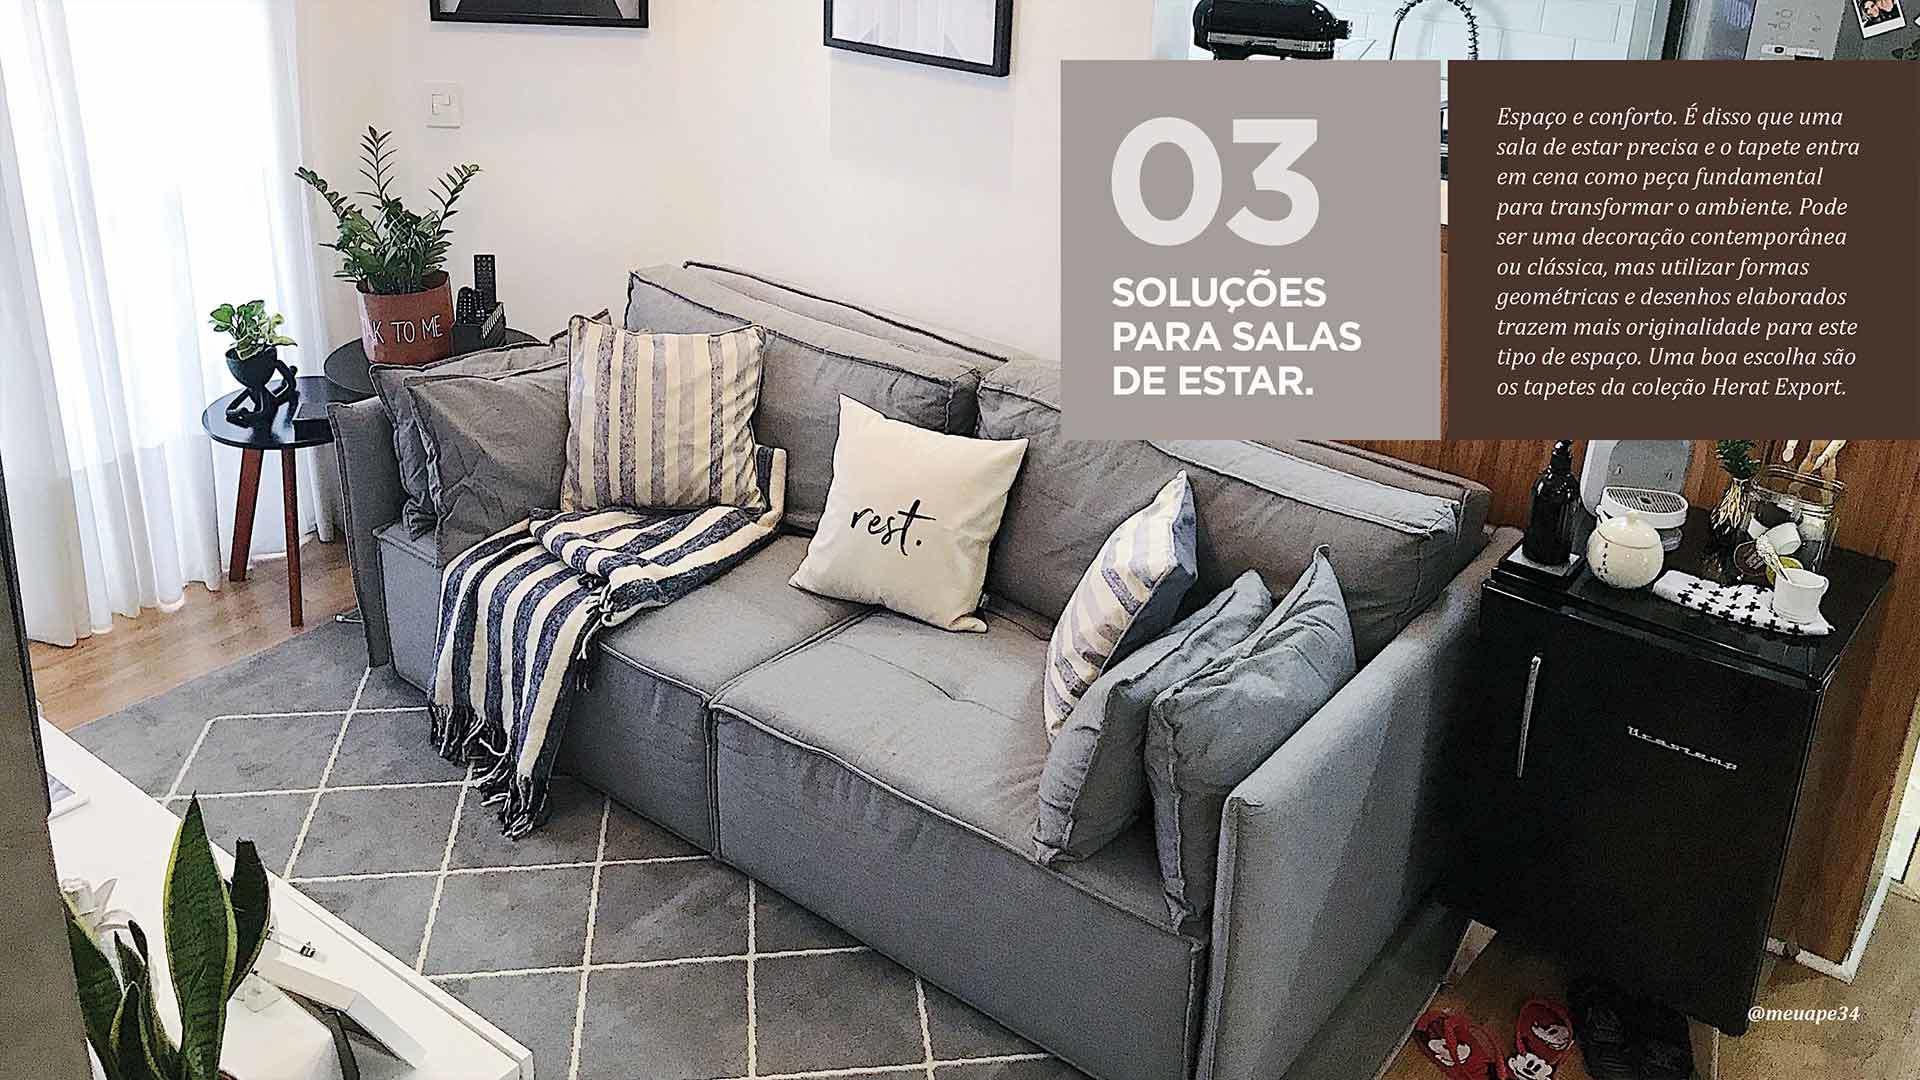 E-book 10 dicas para uso de tapetes em apartamentos - Tapetes São Carlos